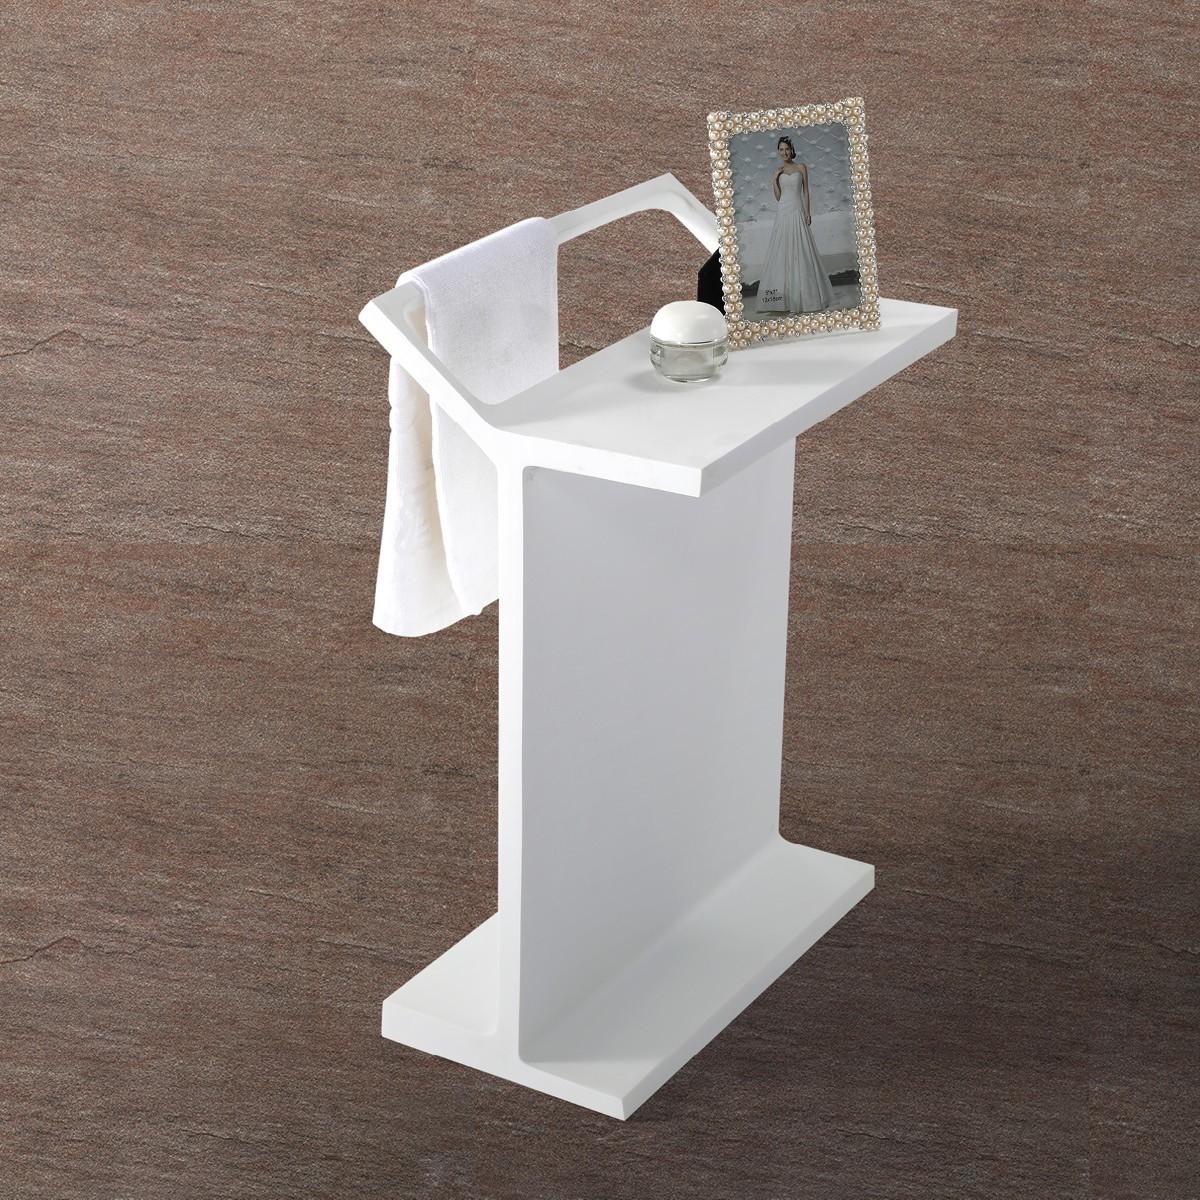 handtuchhalter handtuchst nder freistehend badablage aus. Black Bedroom Furniture Sets. Home Design Ideas